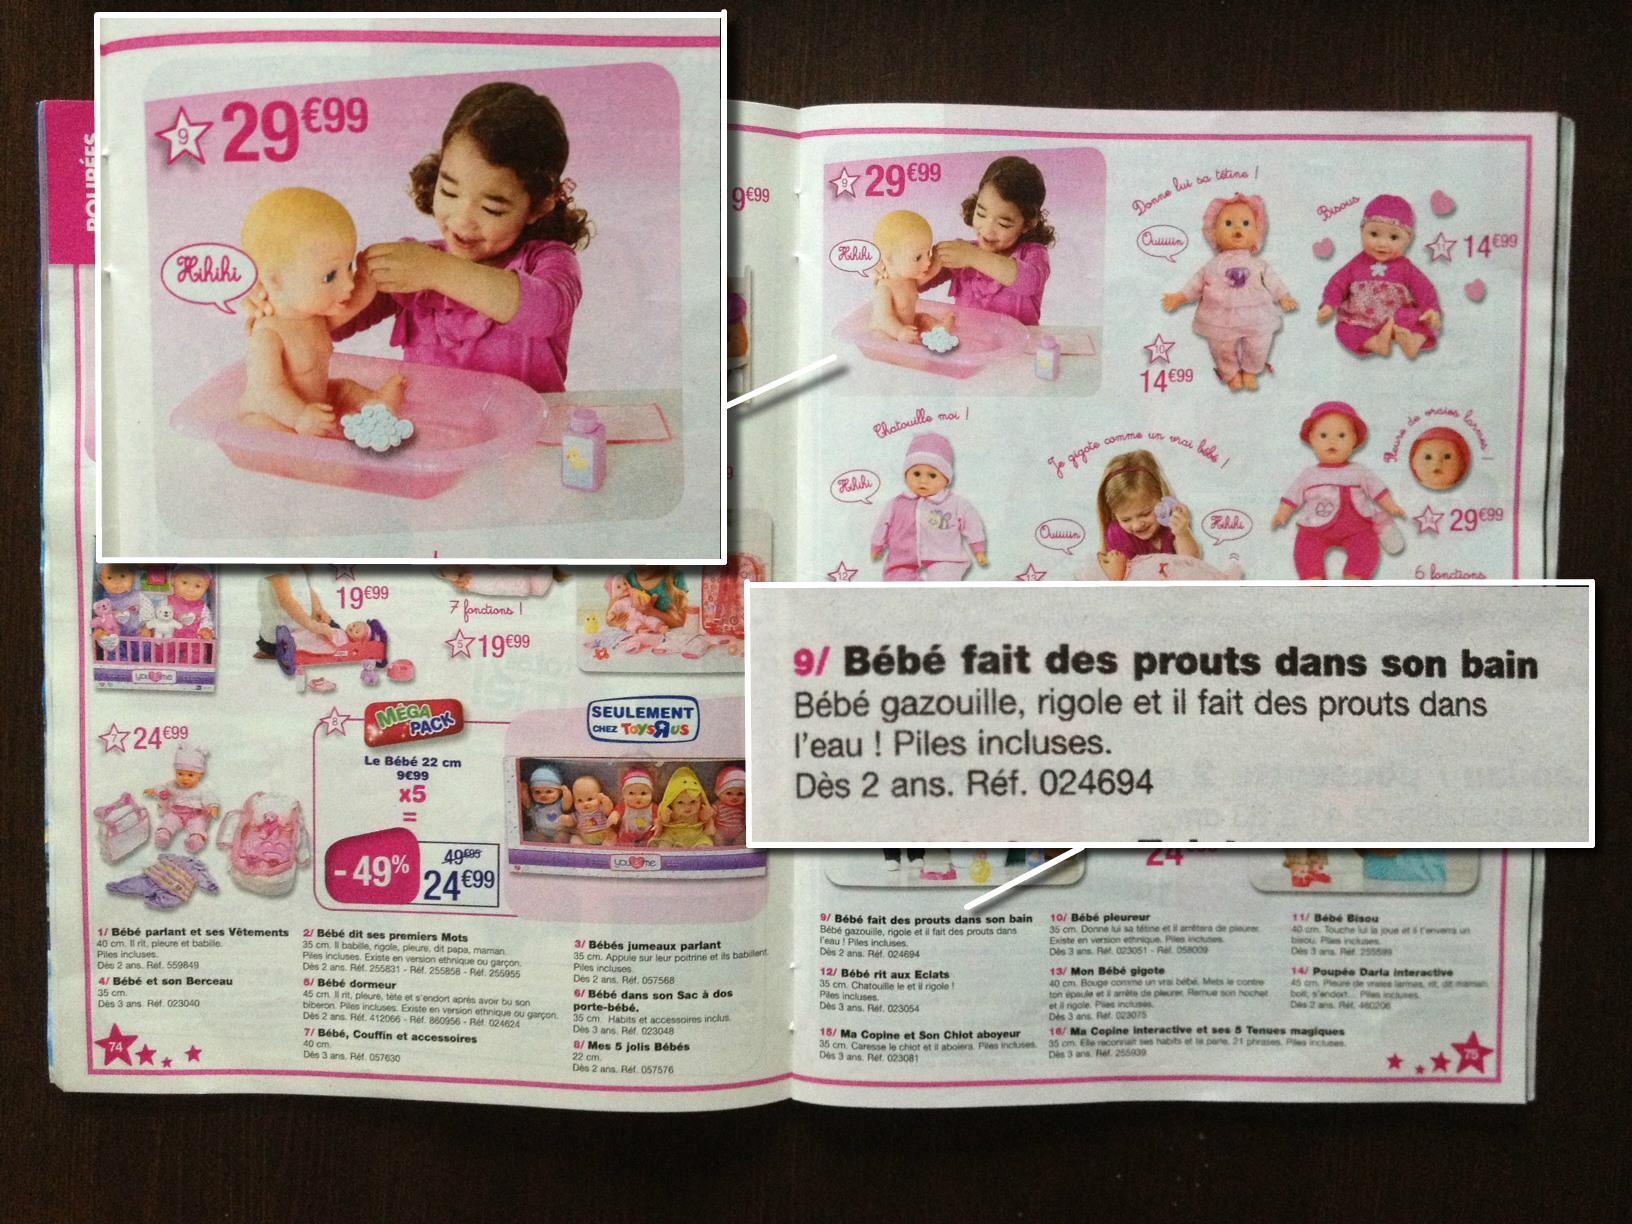 Catalogue ToysRus - Bébé Prouts dans le Bain